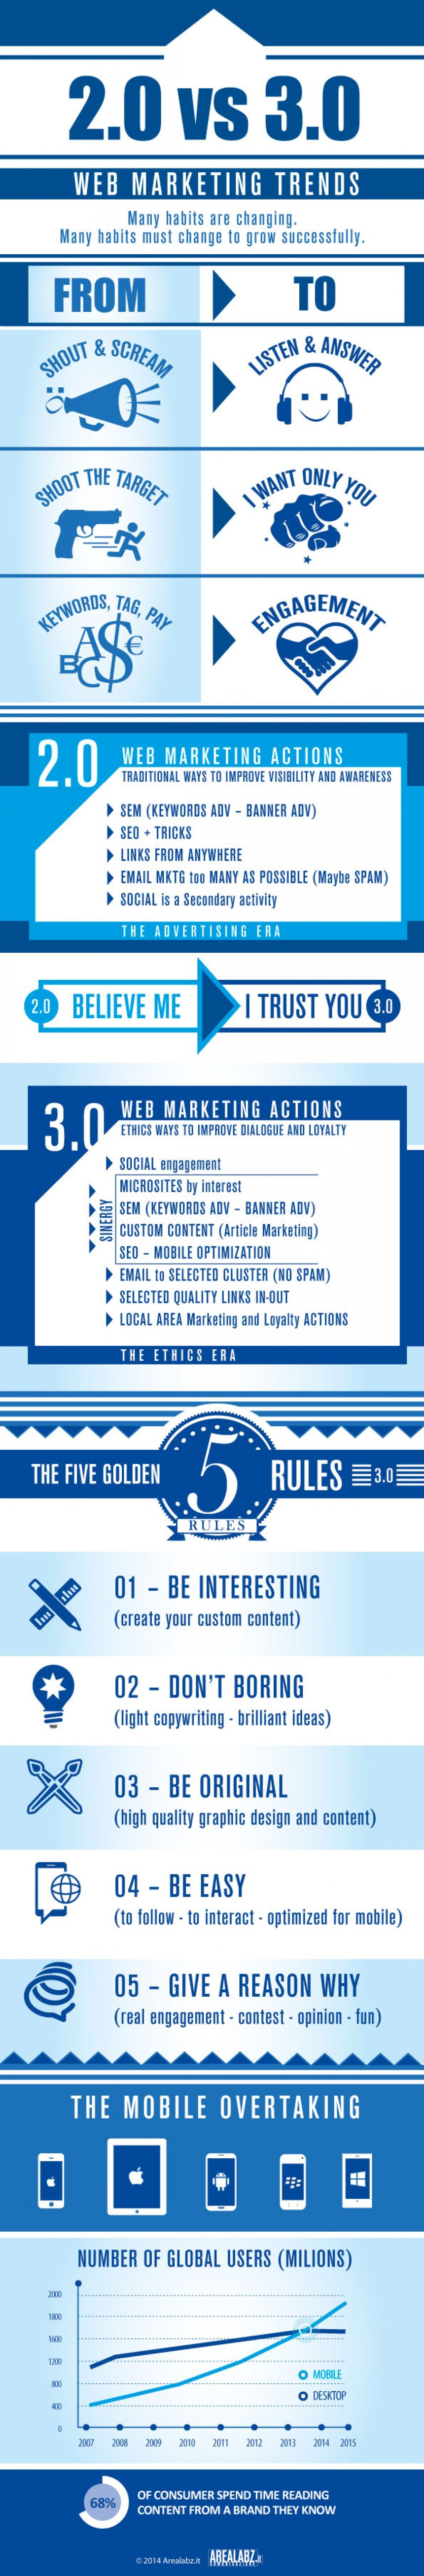 Tendencias en Web Marketing: 2.0 vs 3.0